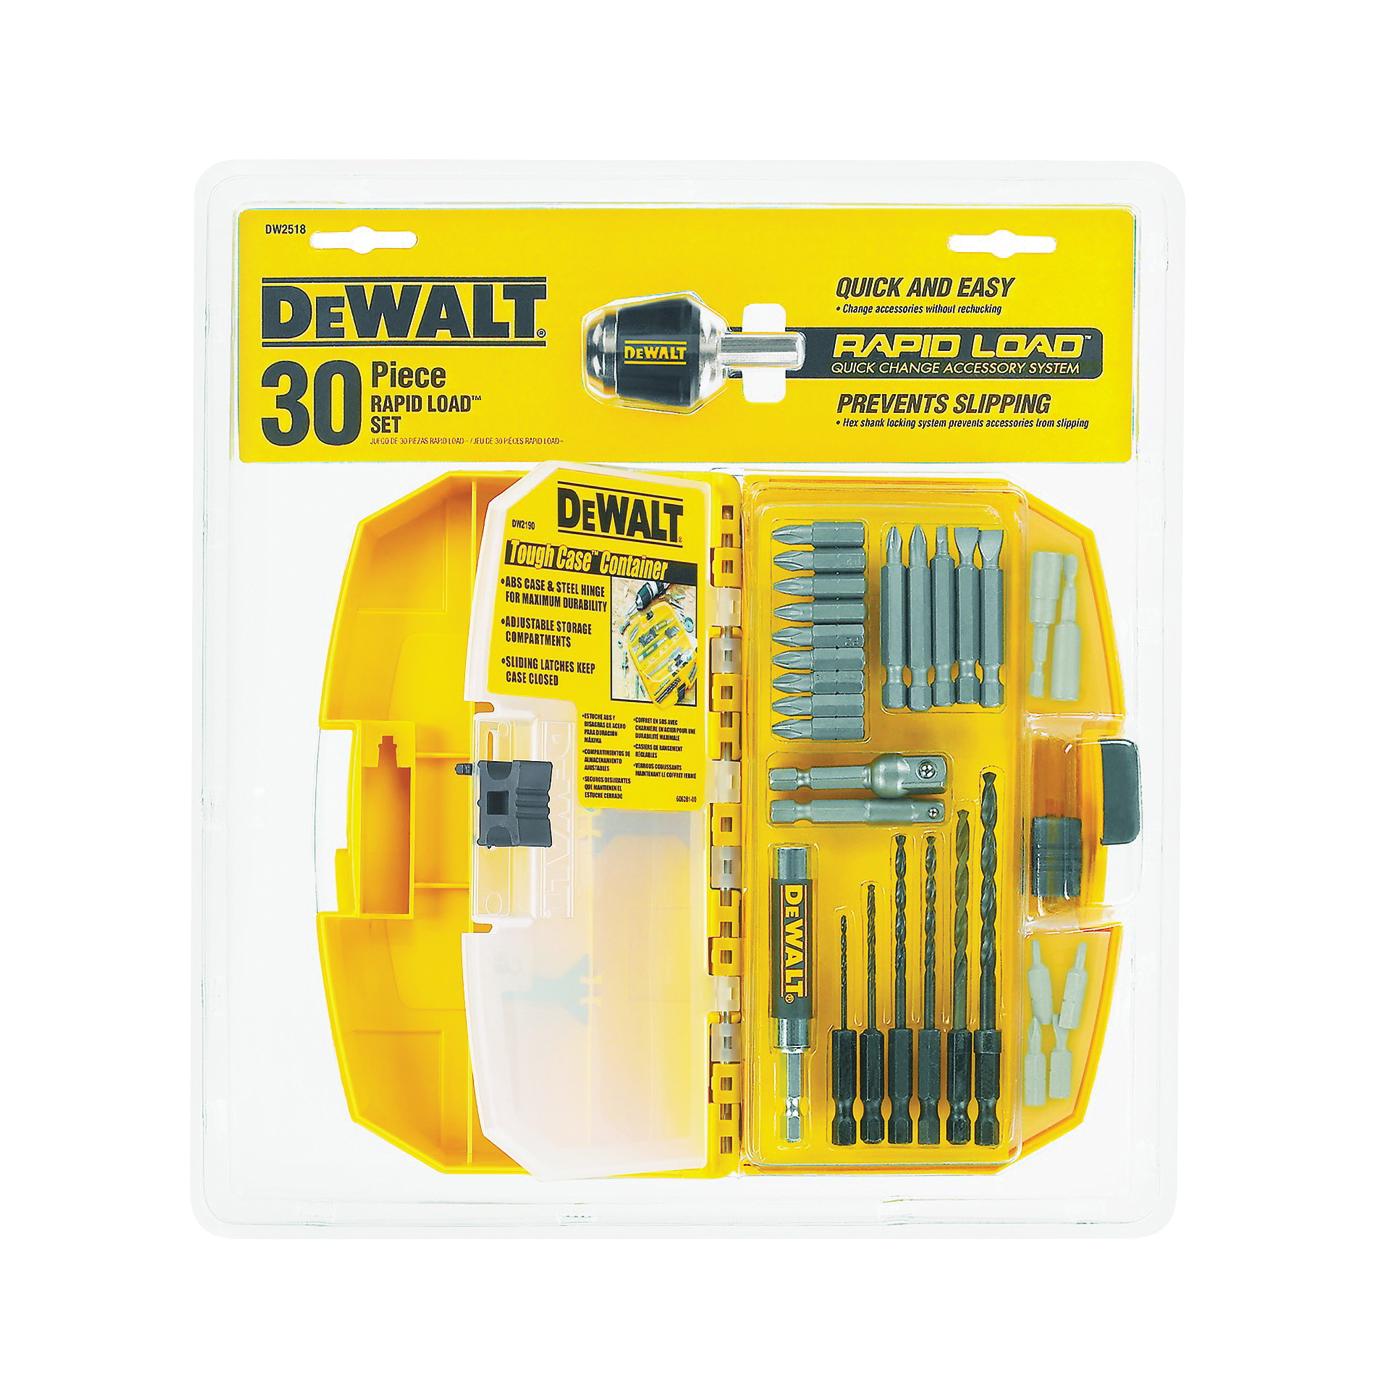 Picture of DeWALT DW2518 Drill Bit Set, Quick-Change, 30 -Piece, Steel